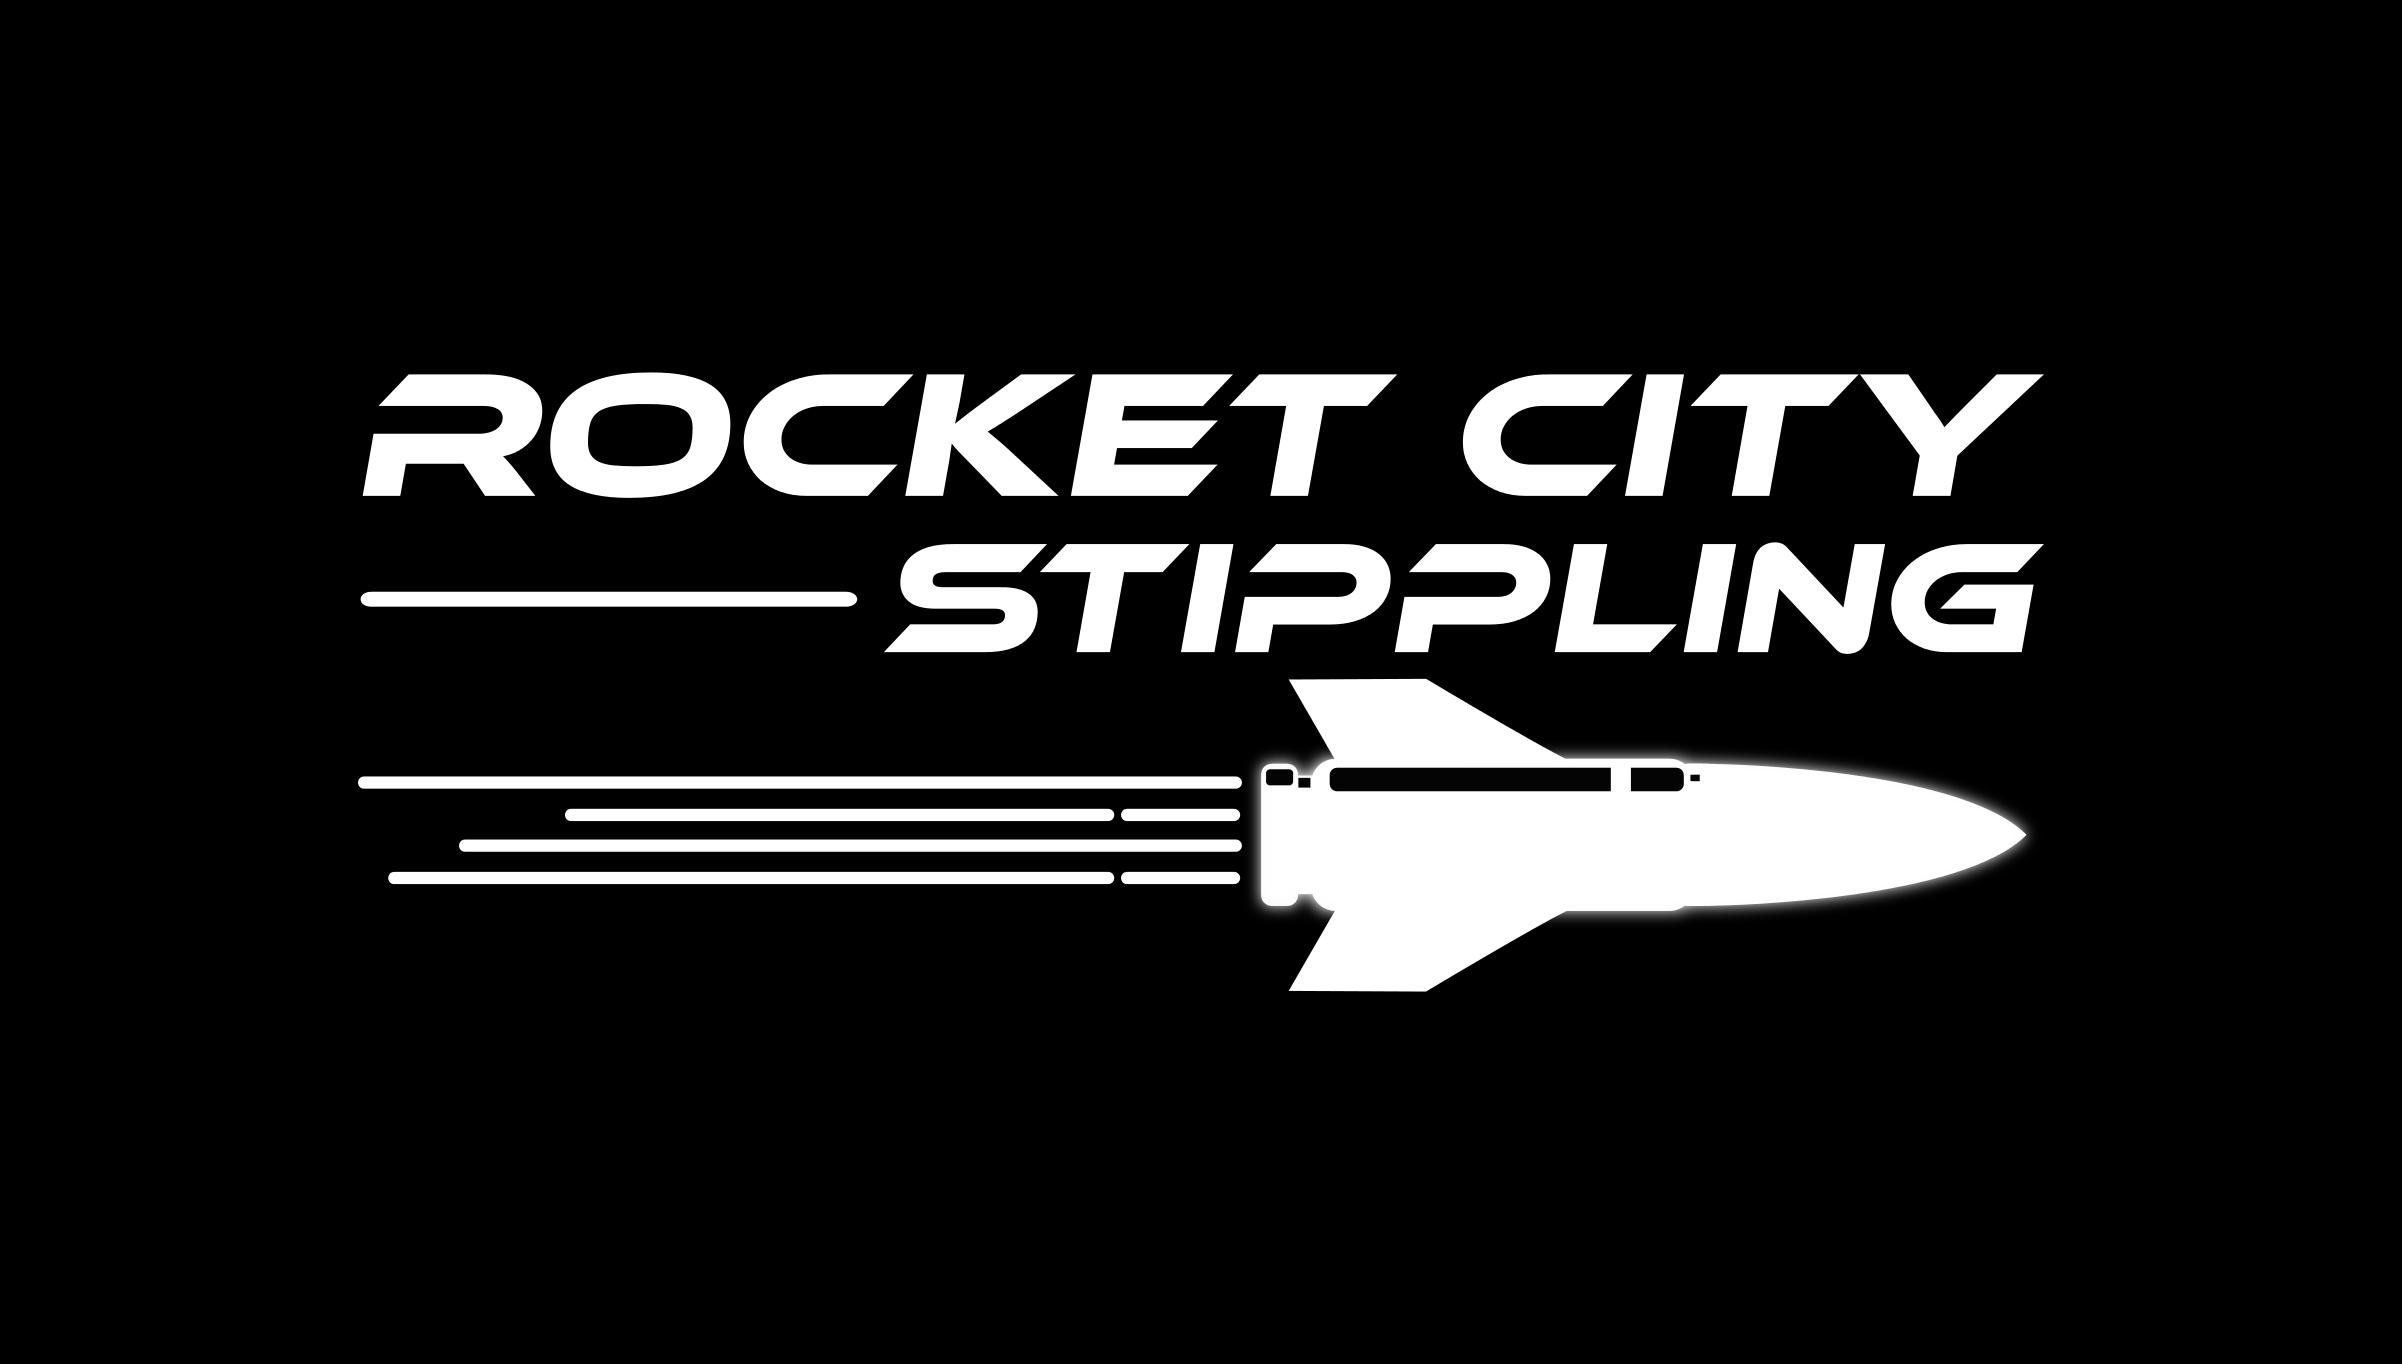 Rocket City Stippling